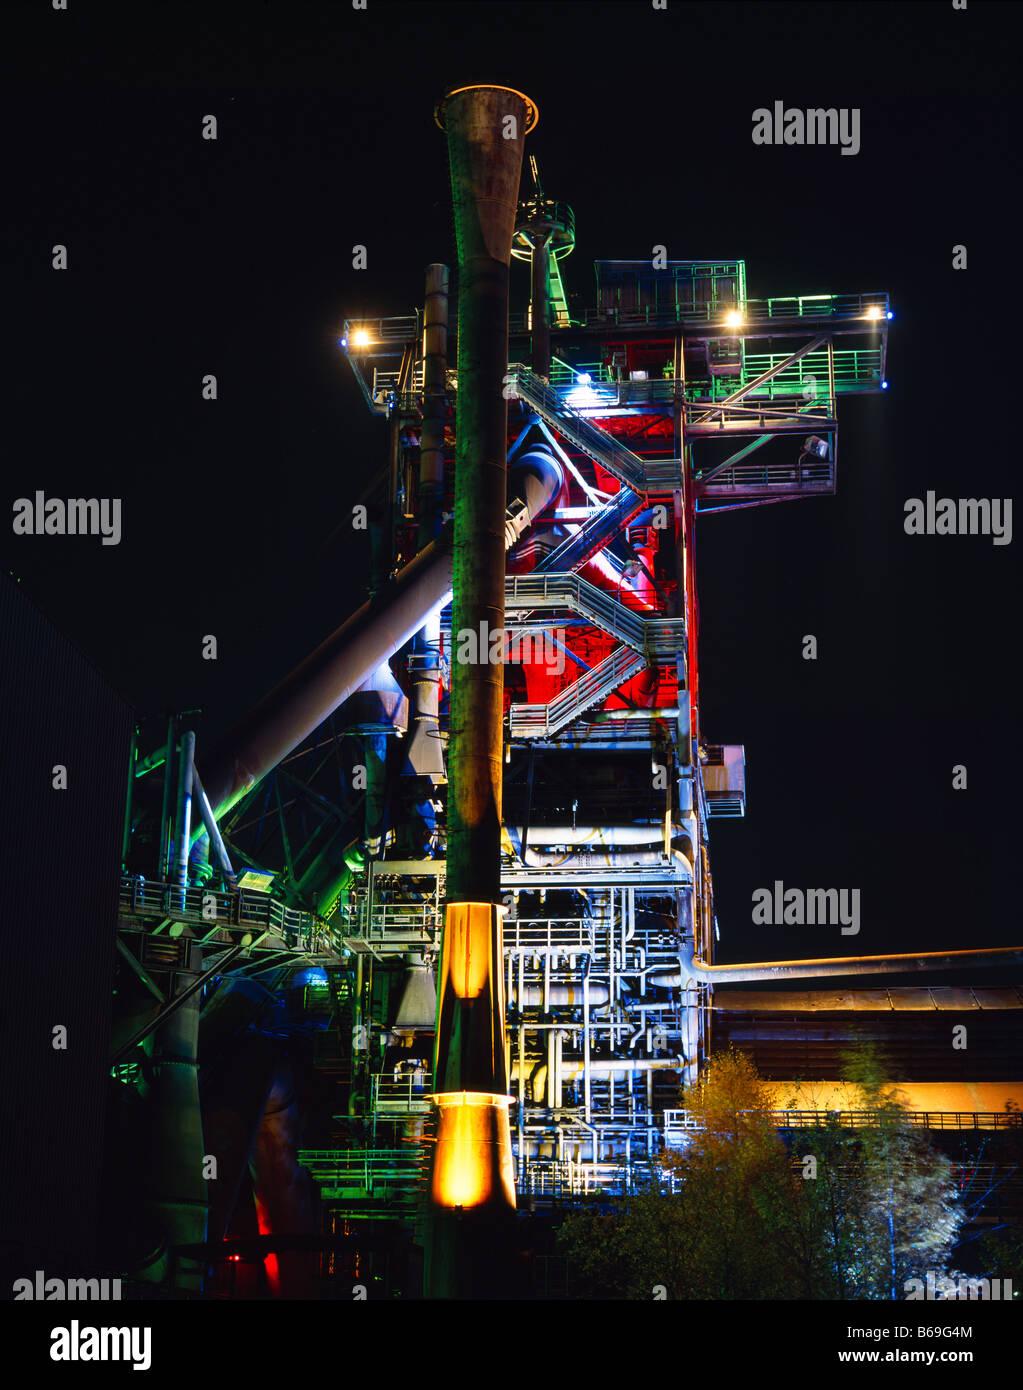 inoperative old steelwork at night at Duisburg Meiderich Germany Stahlwerk bei Nacht  im Landschaftspark Duisburg - Stock Image